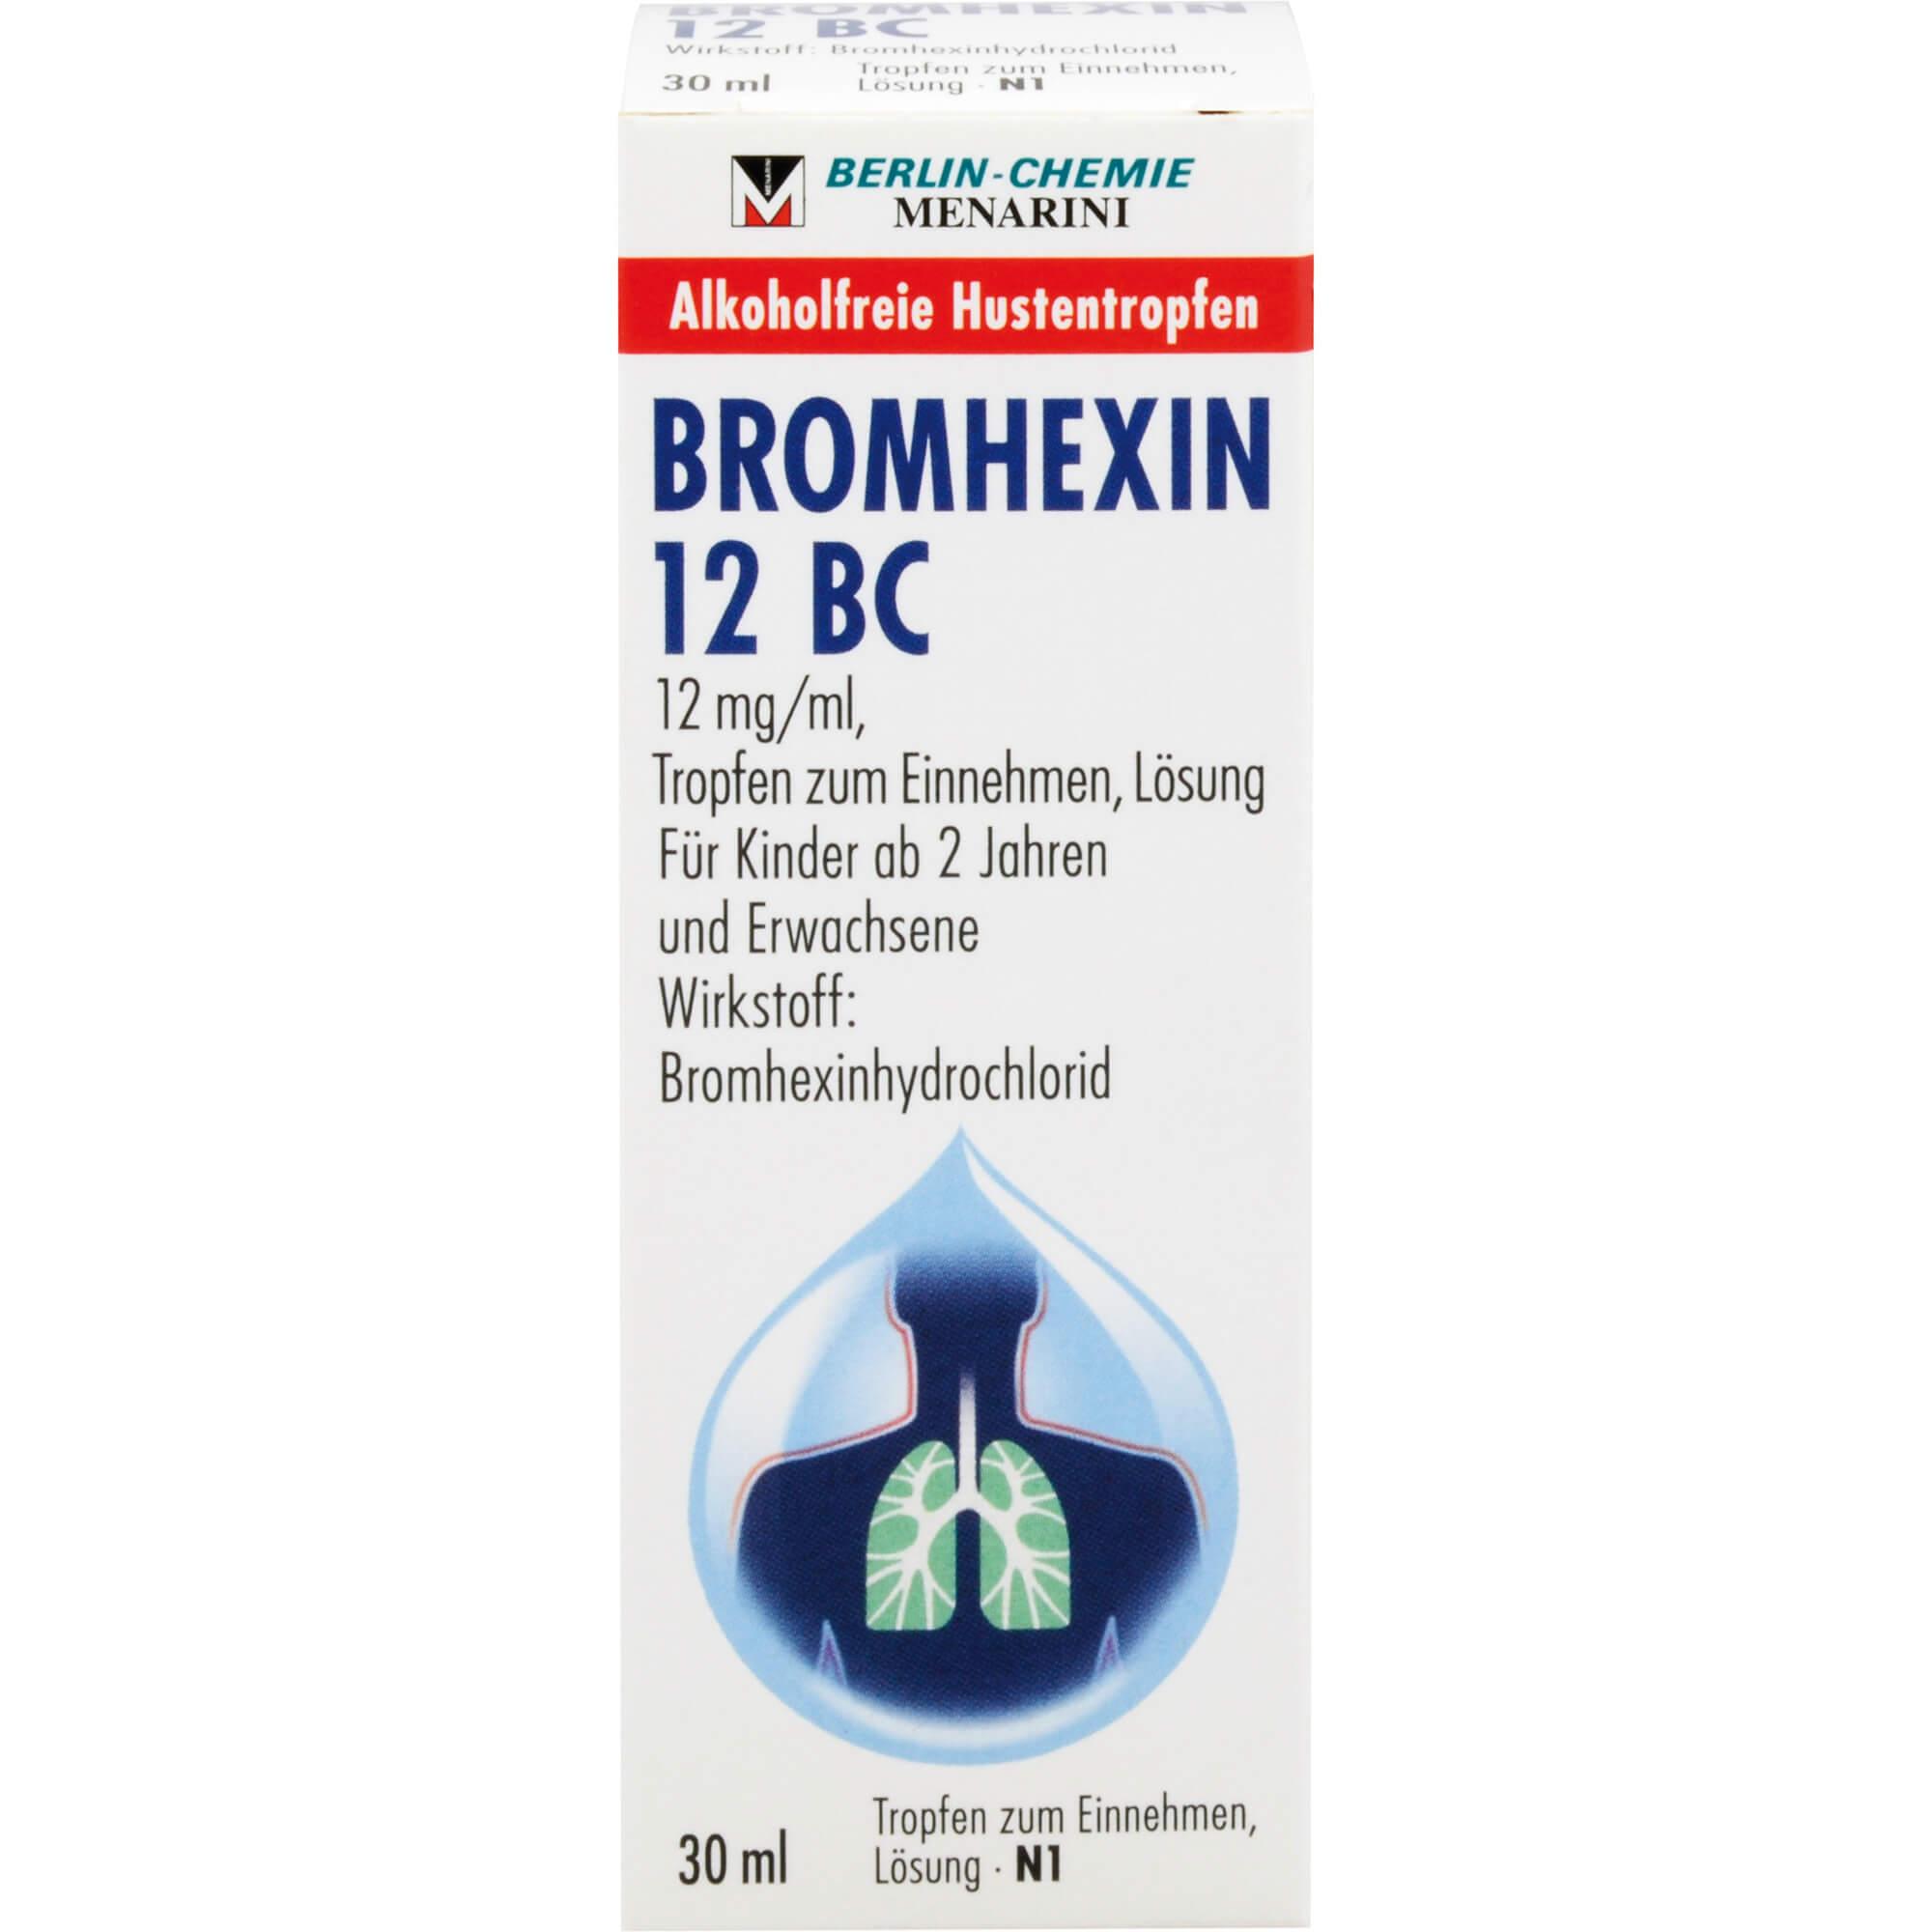 BROMHEXIN 12 BC Tropfen zum Einnehmen